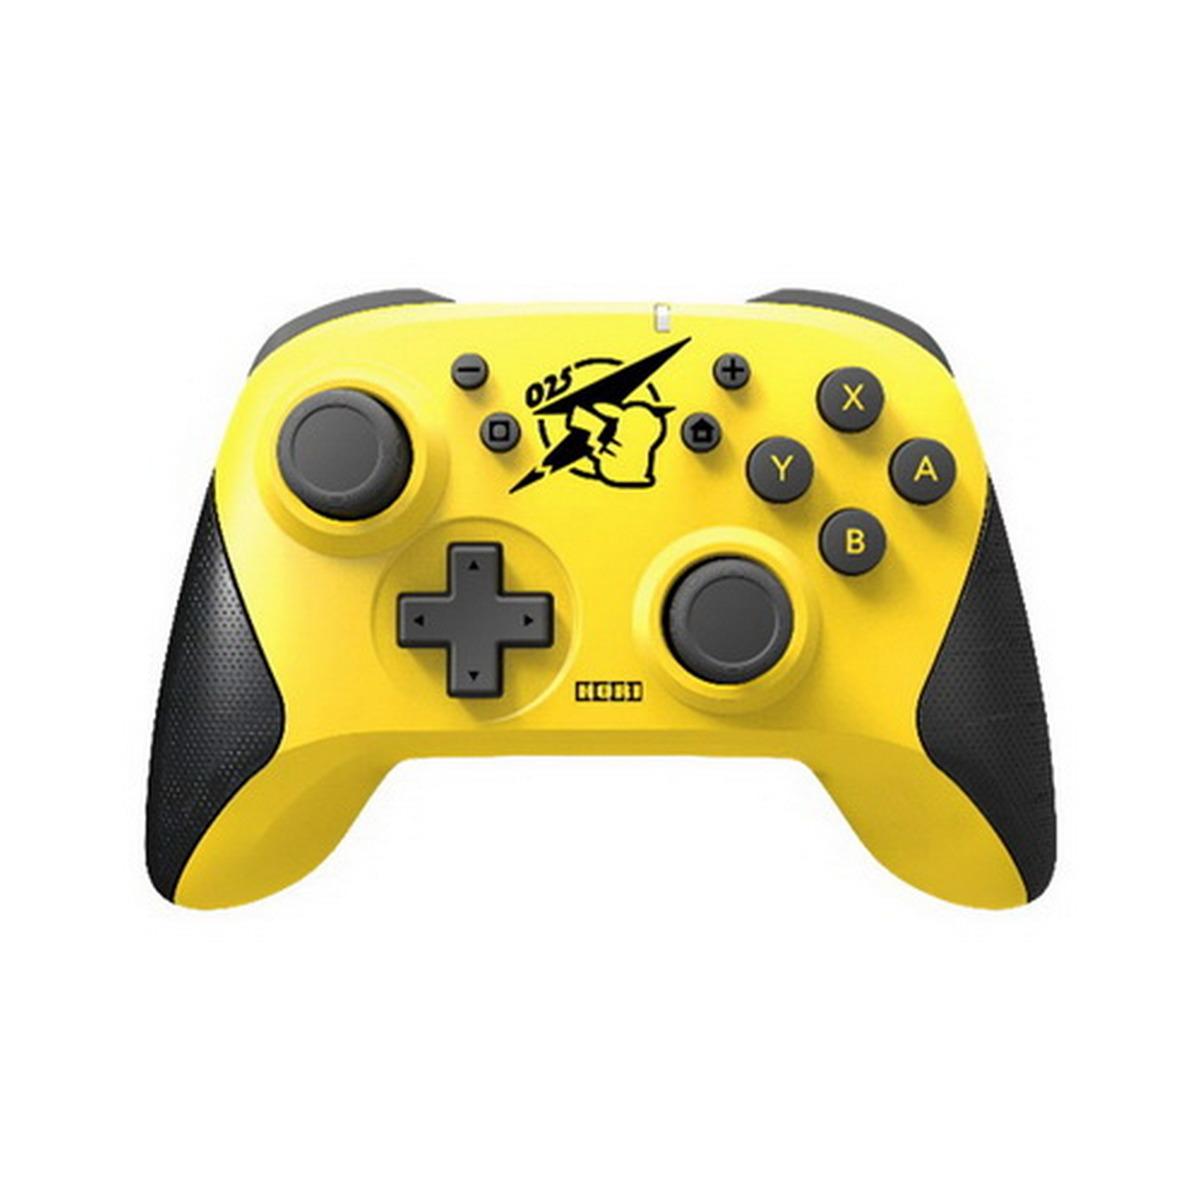 เกมคอนโทรลเลอร์ (สีเหลือง/ดำ) รุ่น WIRELESS PIKACHU COOL